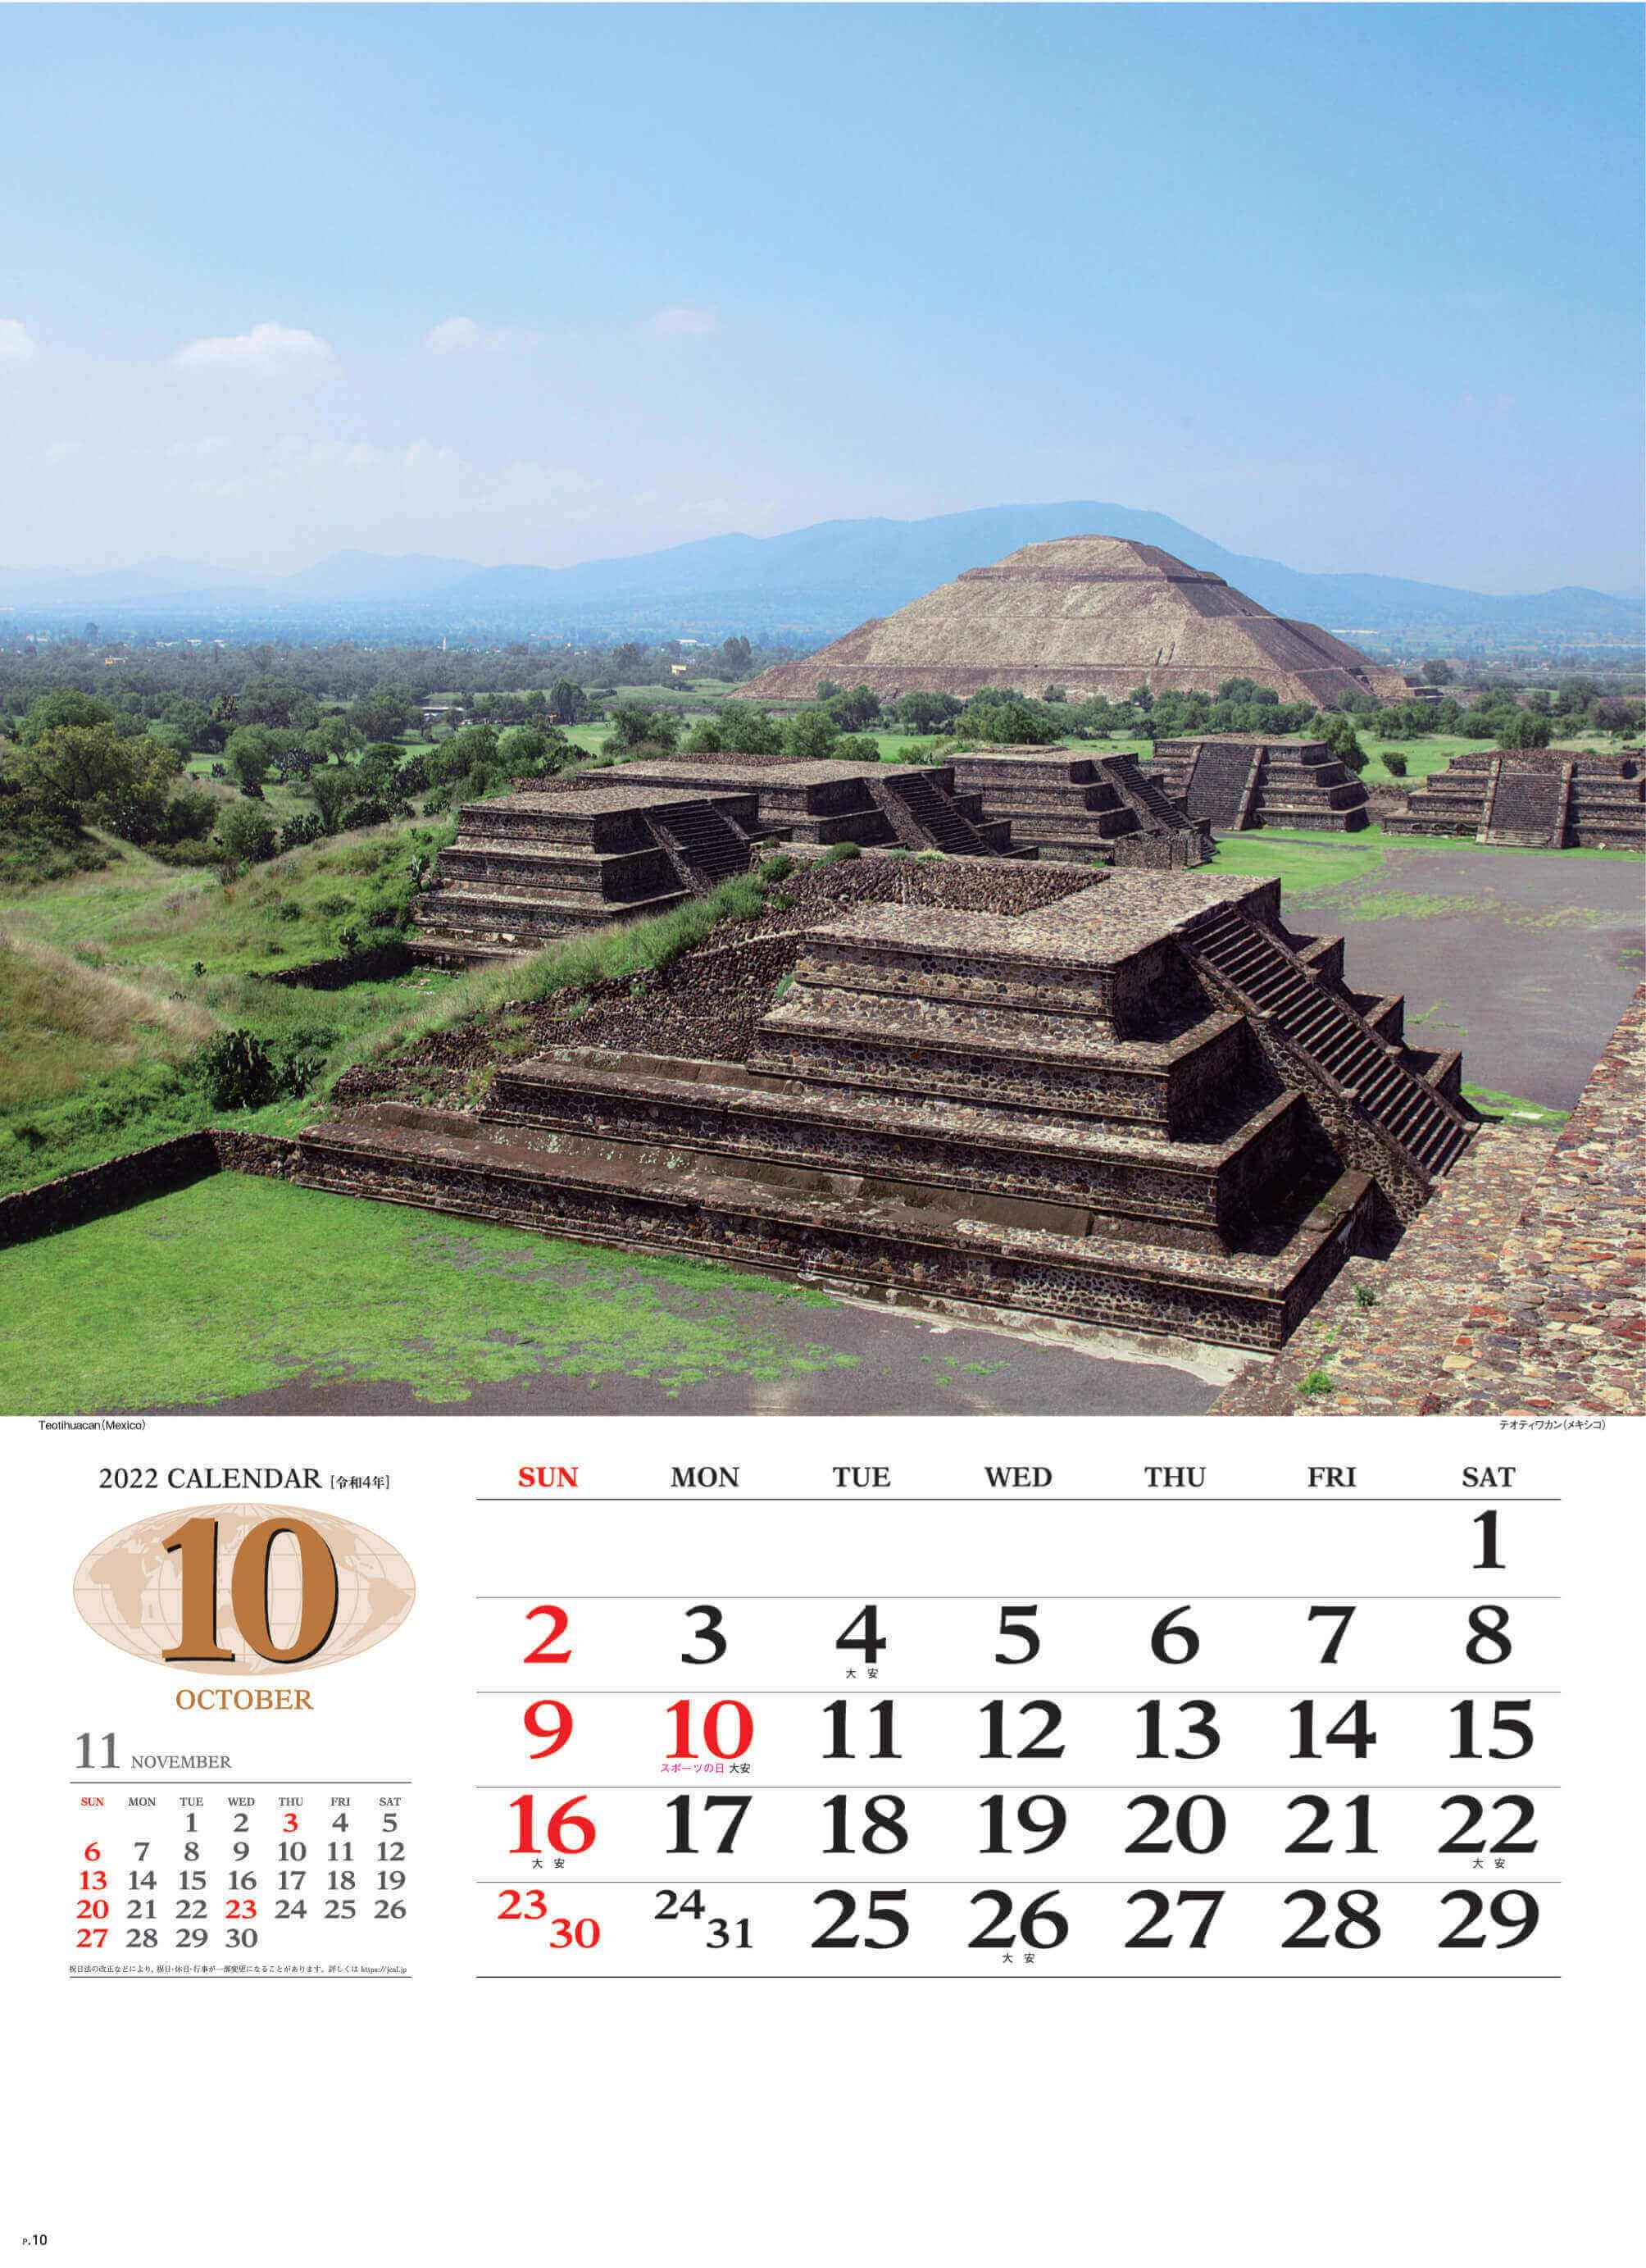 10月 テオティワカン メキシコ 世界の景観 2022年カレンダーの画像